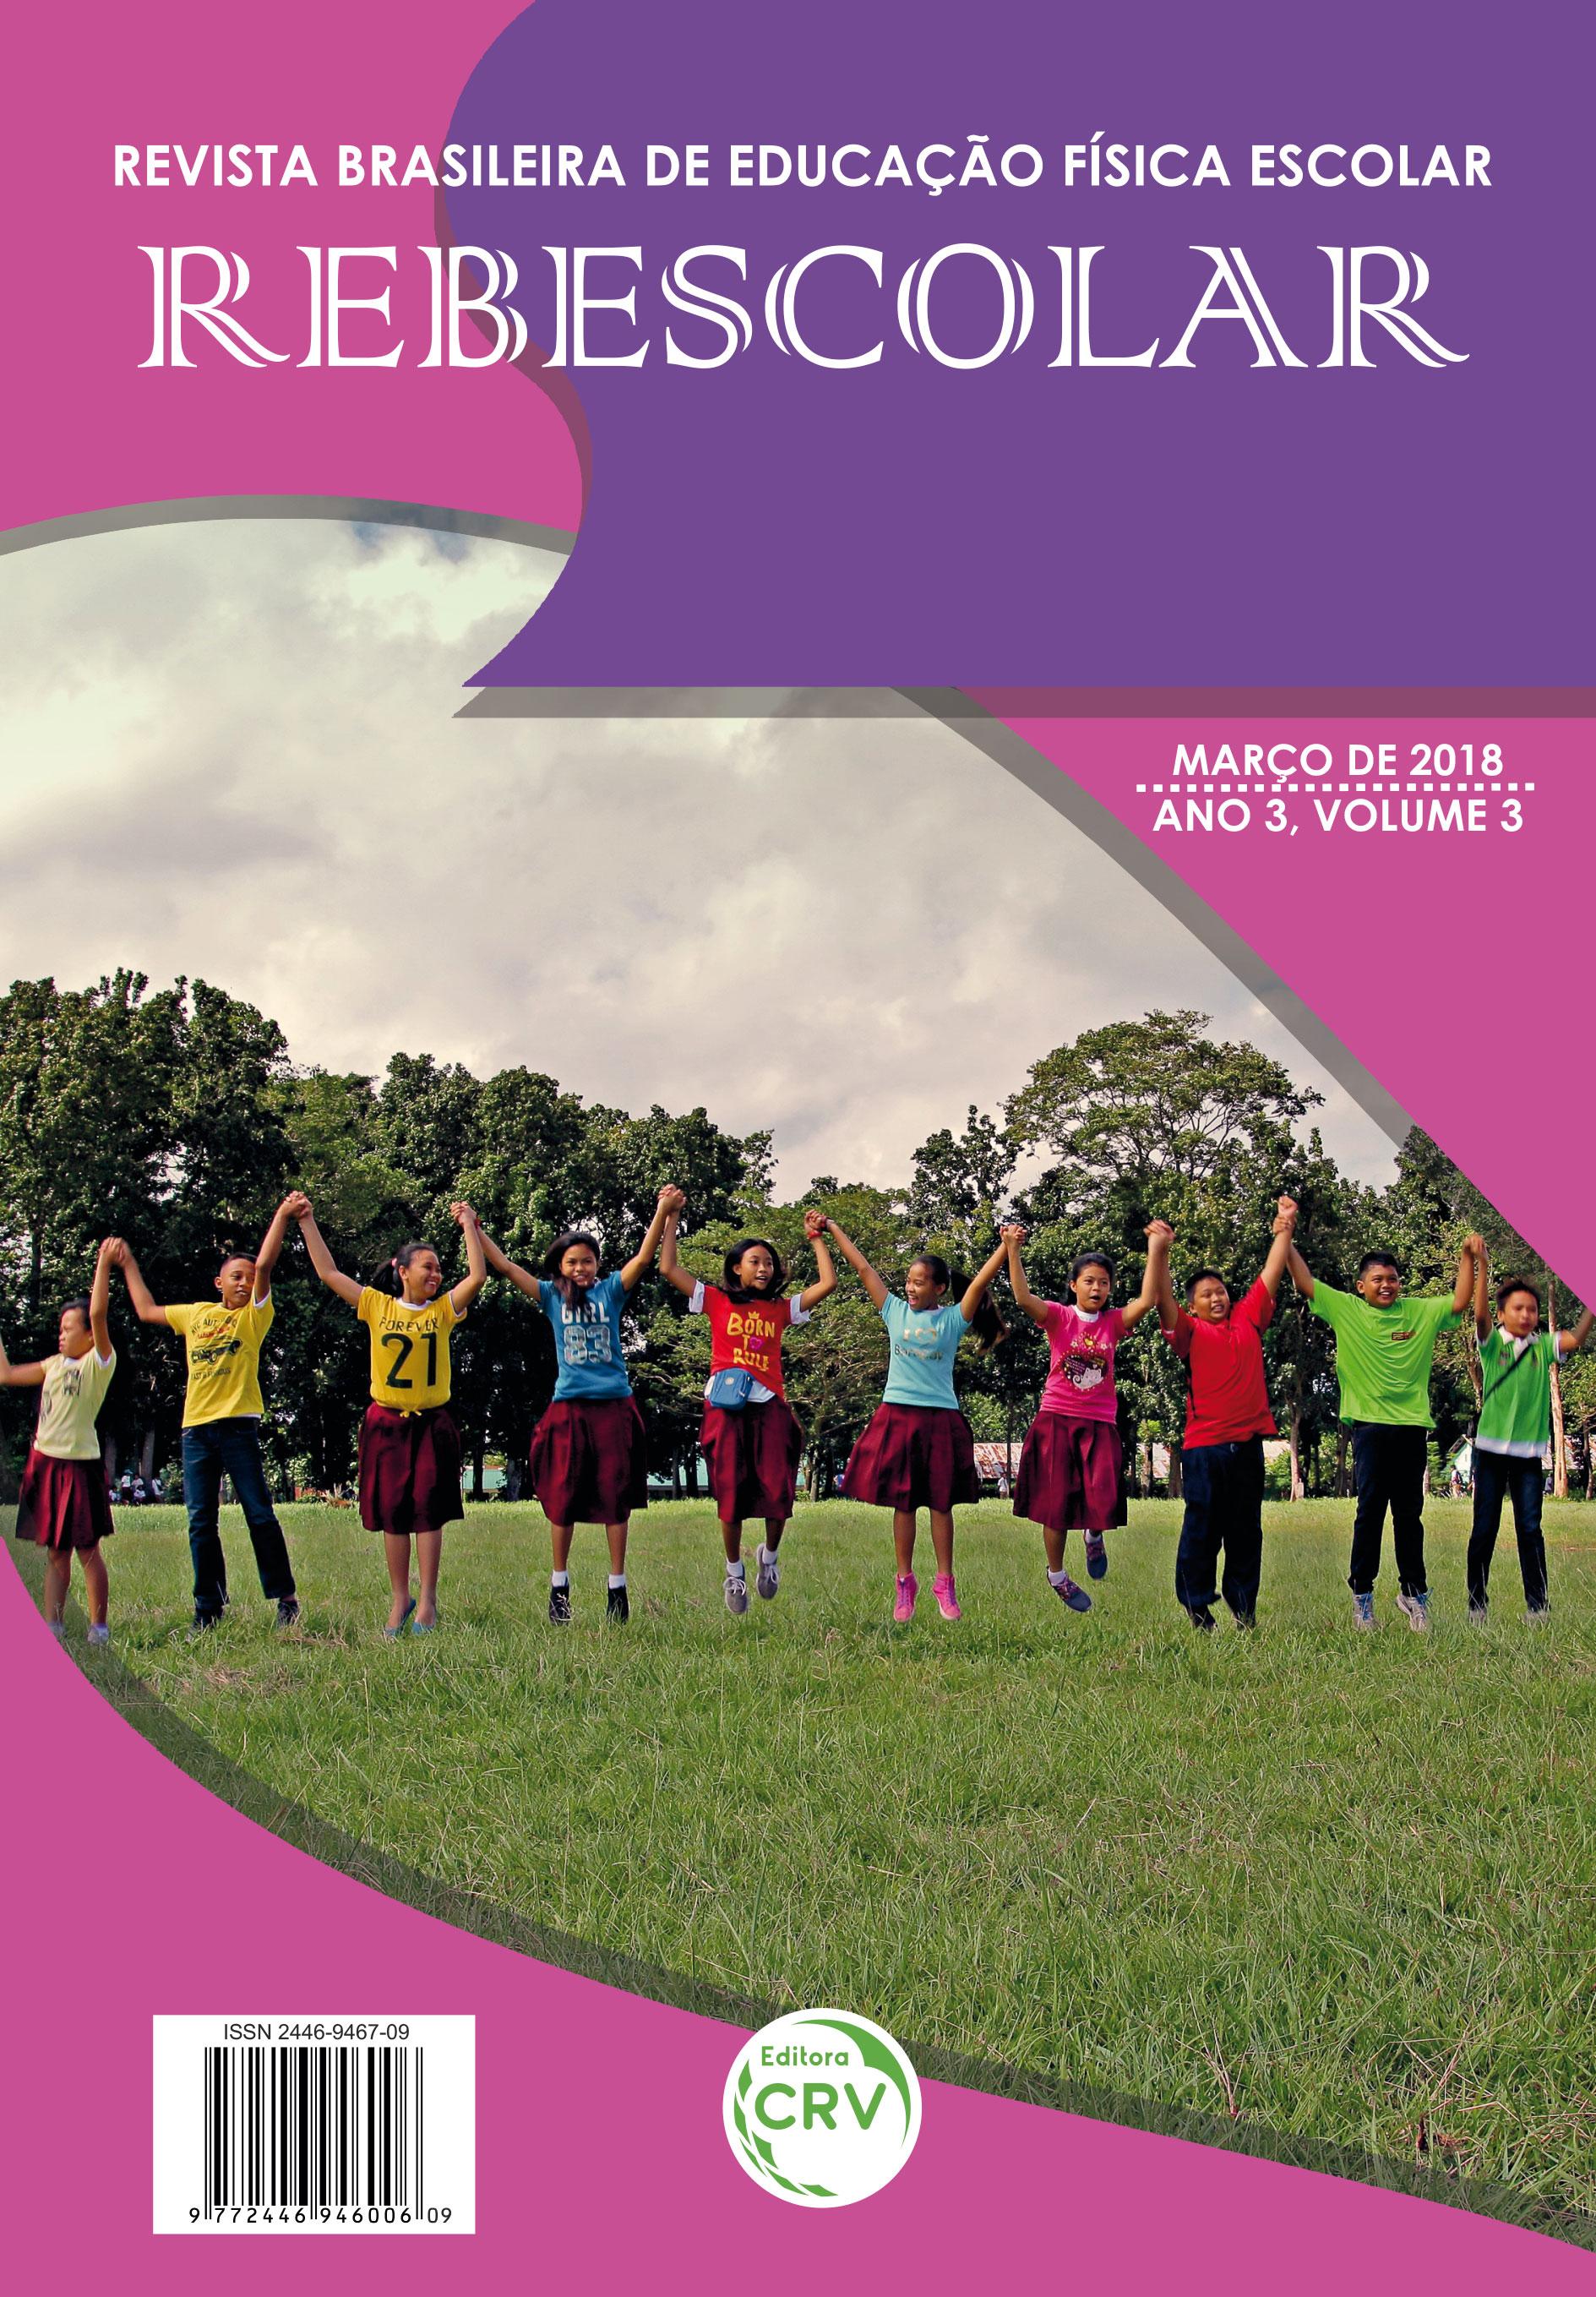 Capa do livro: ANO III – VOLUME III – MARÇO 2018 <br>REVISTA BRASILEIRA DE EDUCAÇÃO FÍSICA ESCOLAR - REBESCOLAR